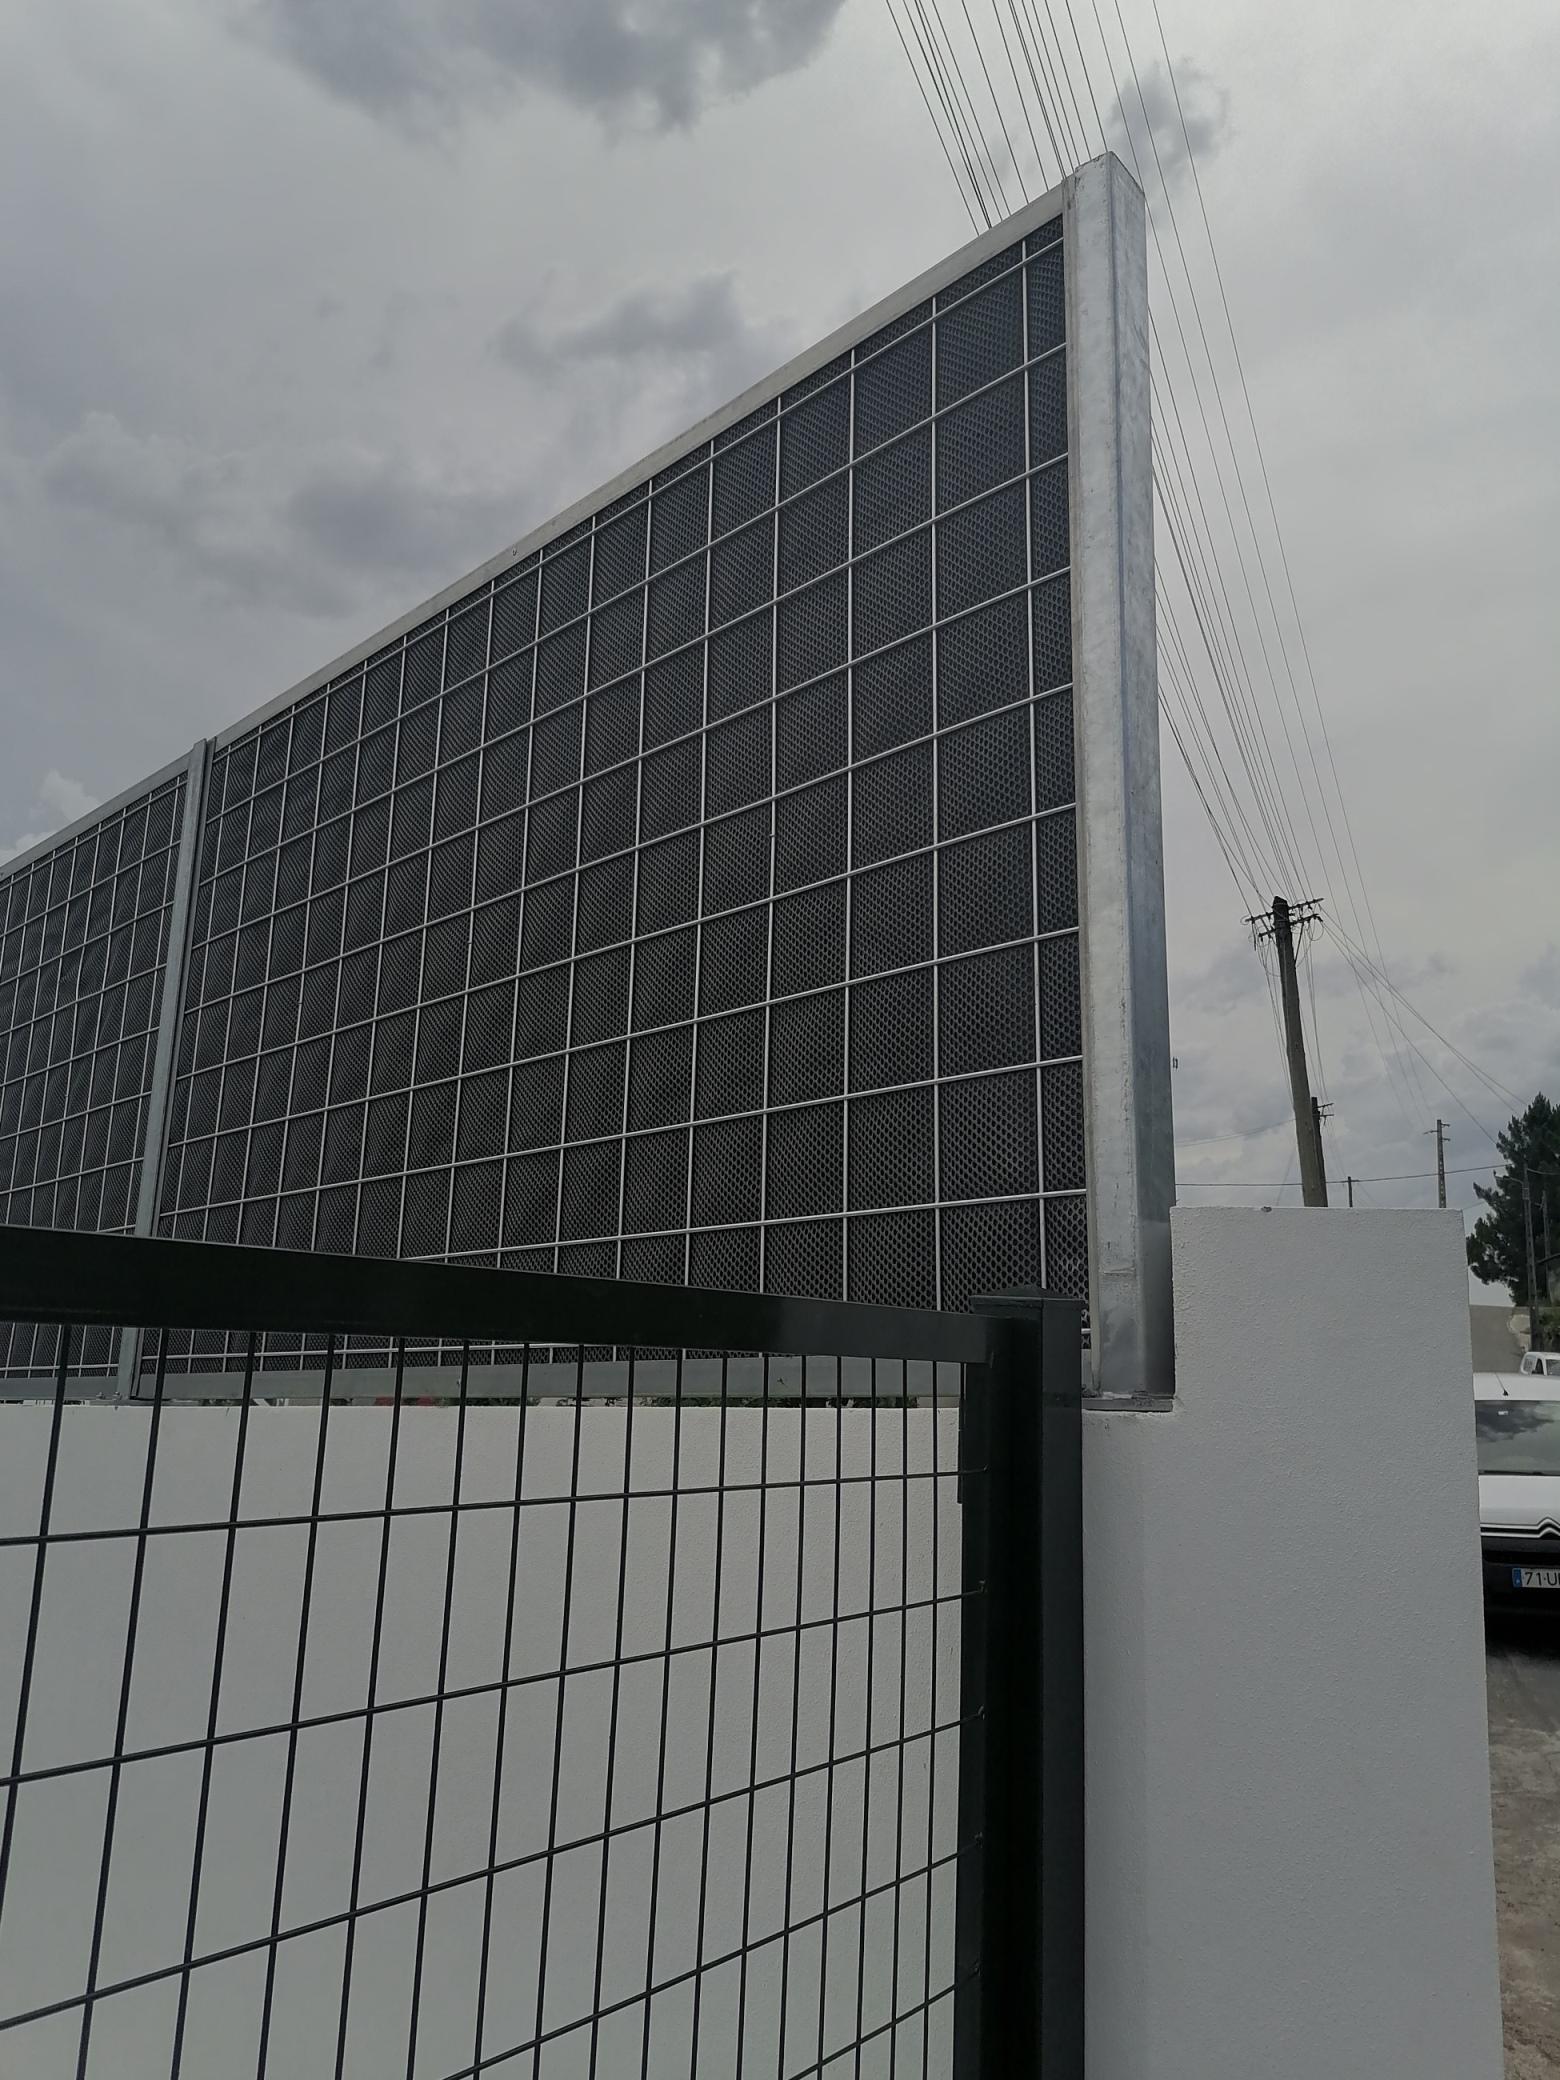 Remodelar os muros exteriores da casa